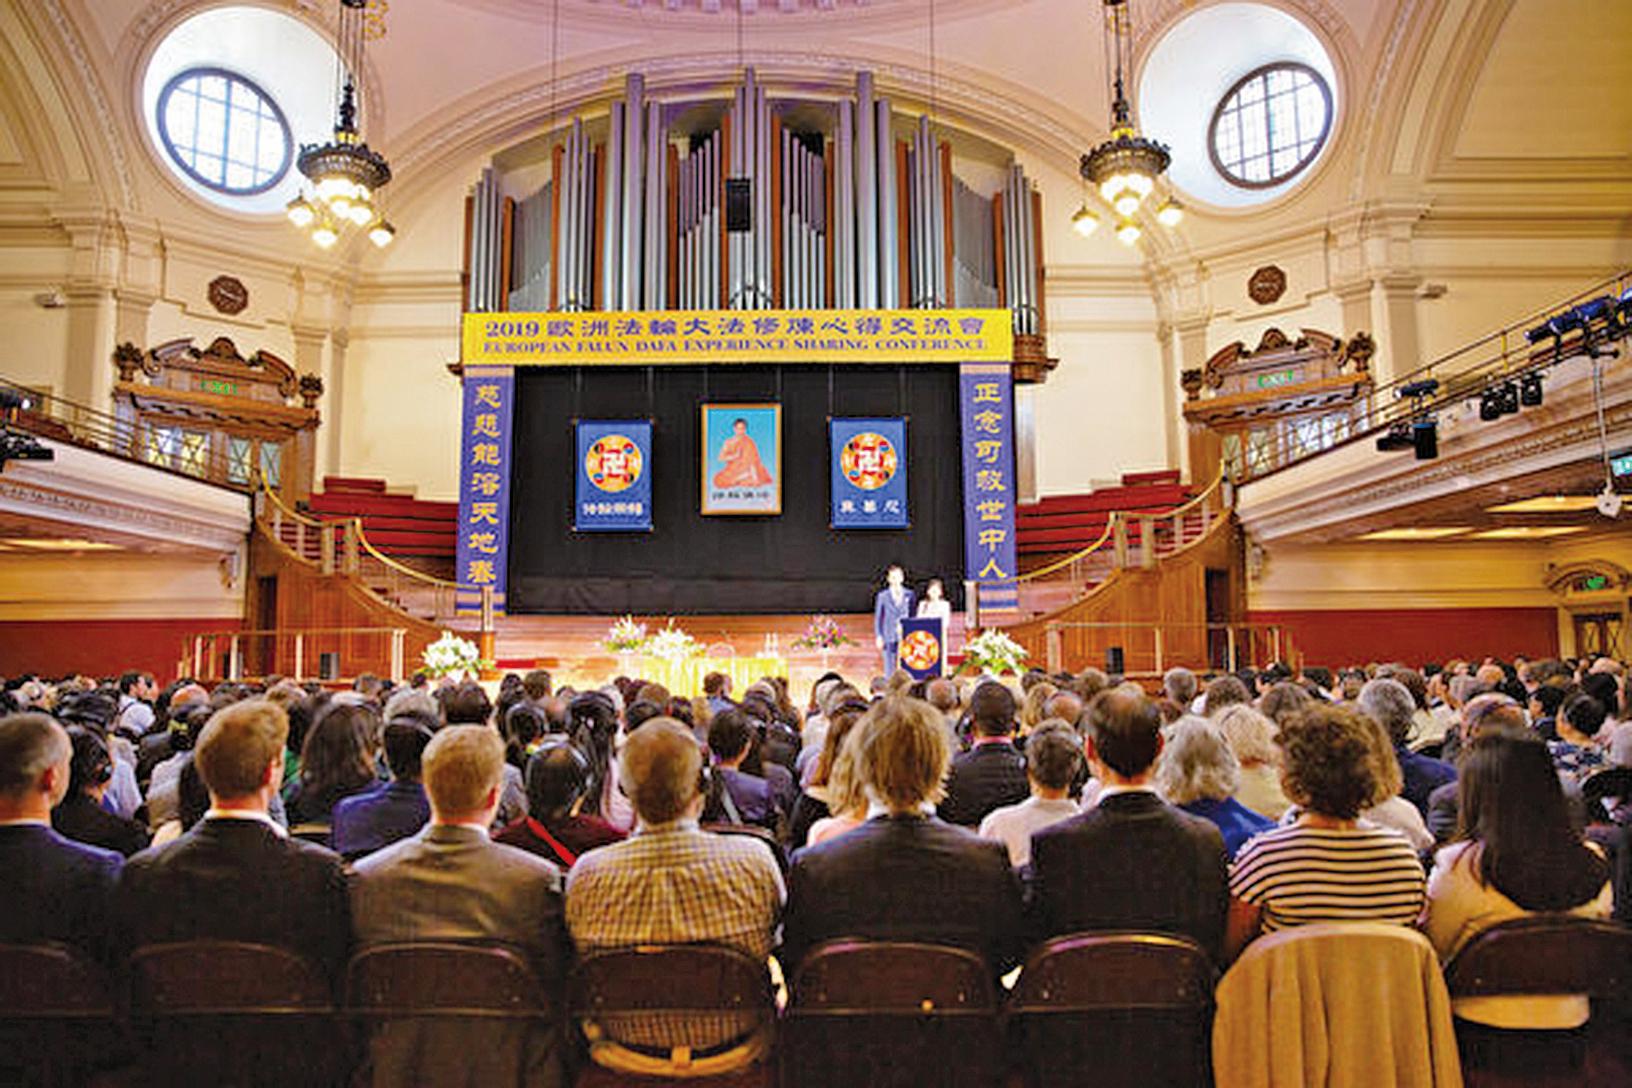 2019年8月31日,來自歐、亞、北美、南美和中國共34個國家的部份法輪功學員聚集倫敦議會附近的西敏中央禮堂(Methodist Central Hall),參加2019年歐洲法輪大法心得交流會,法輪功創始人李洪志大師發來賀詞。(傅潔/大紀元)